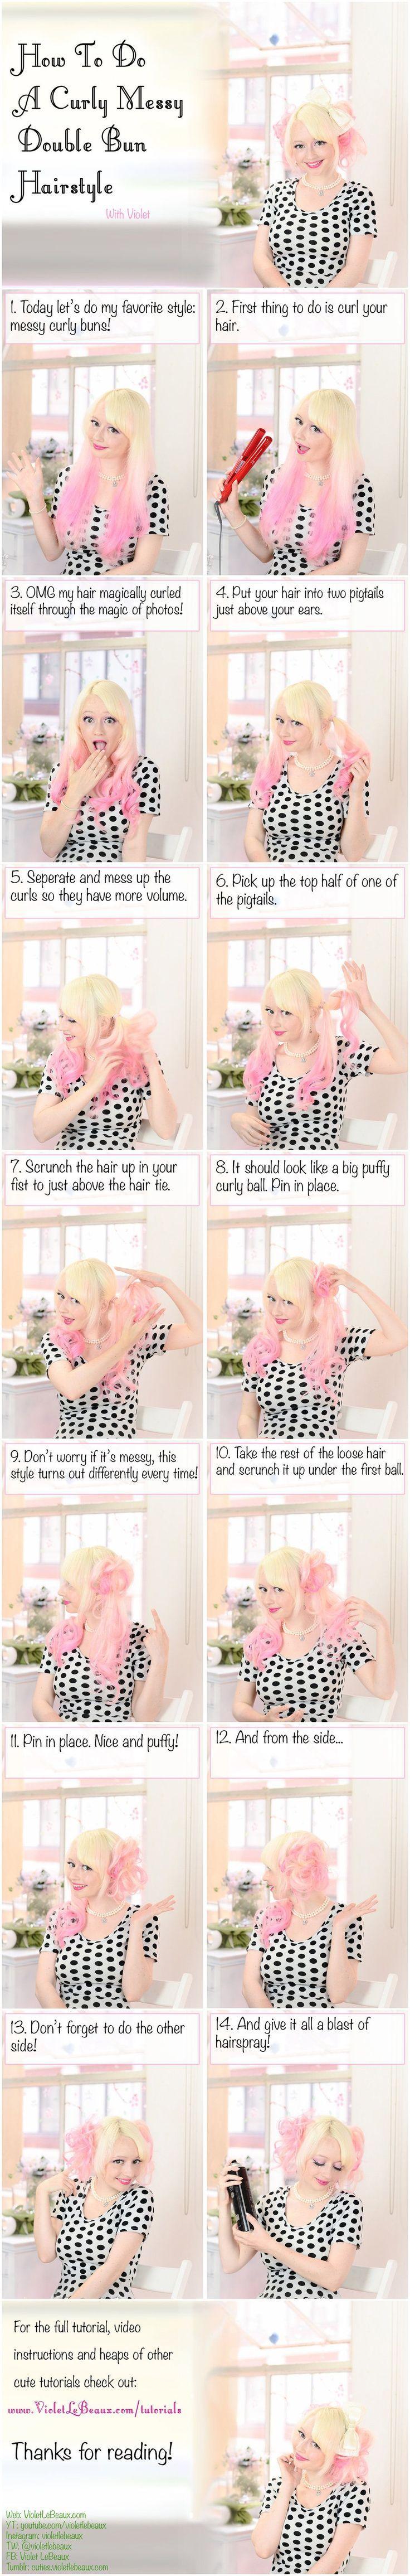 Curly chaotisch Doppel-Brötchen Frisur Tutorial Violet le Beaux und ry.com.au Violet L ... #Brot #chaotisch #doppelte # Frisur